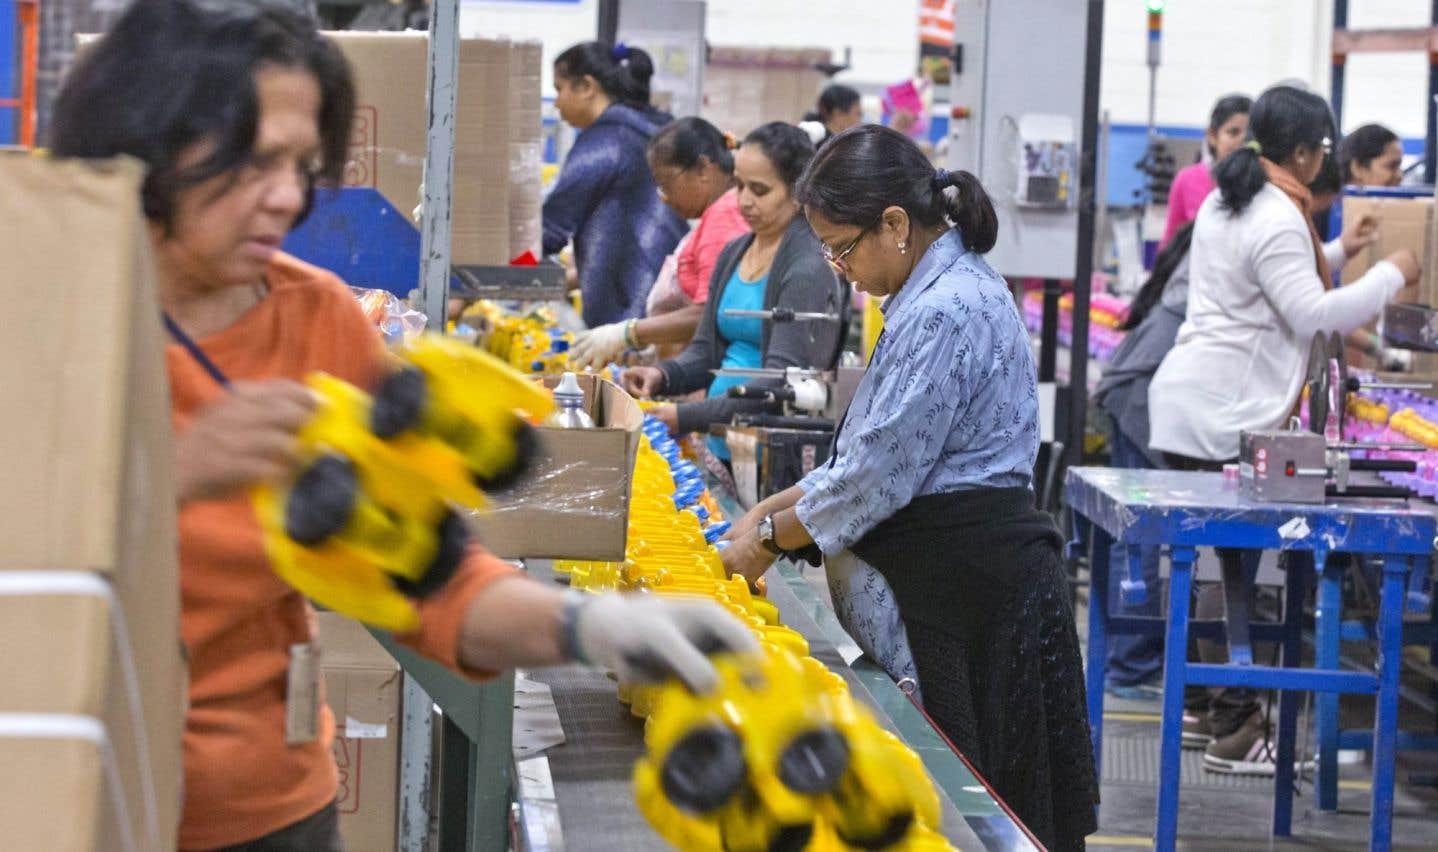 Les usines veulent embaucher des immigrants qui ne connaissent pas le français